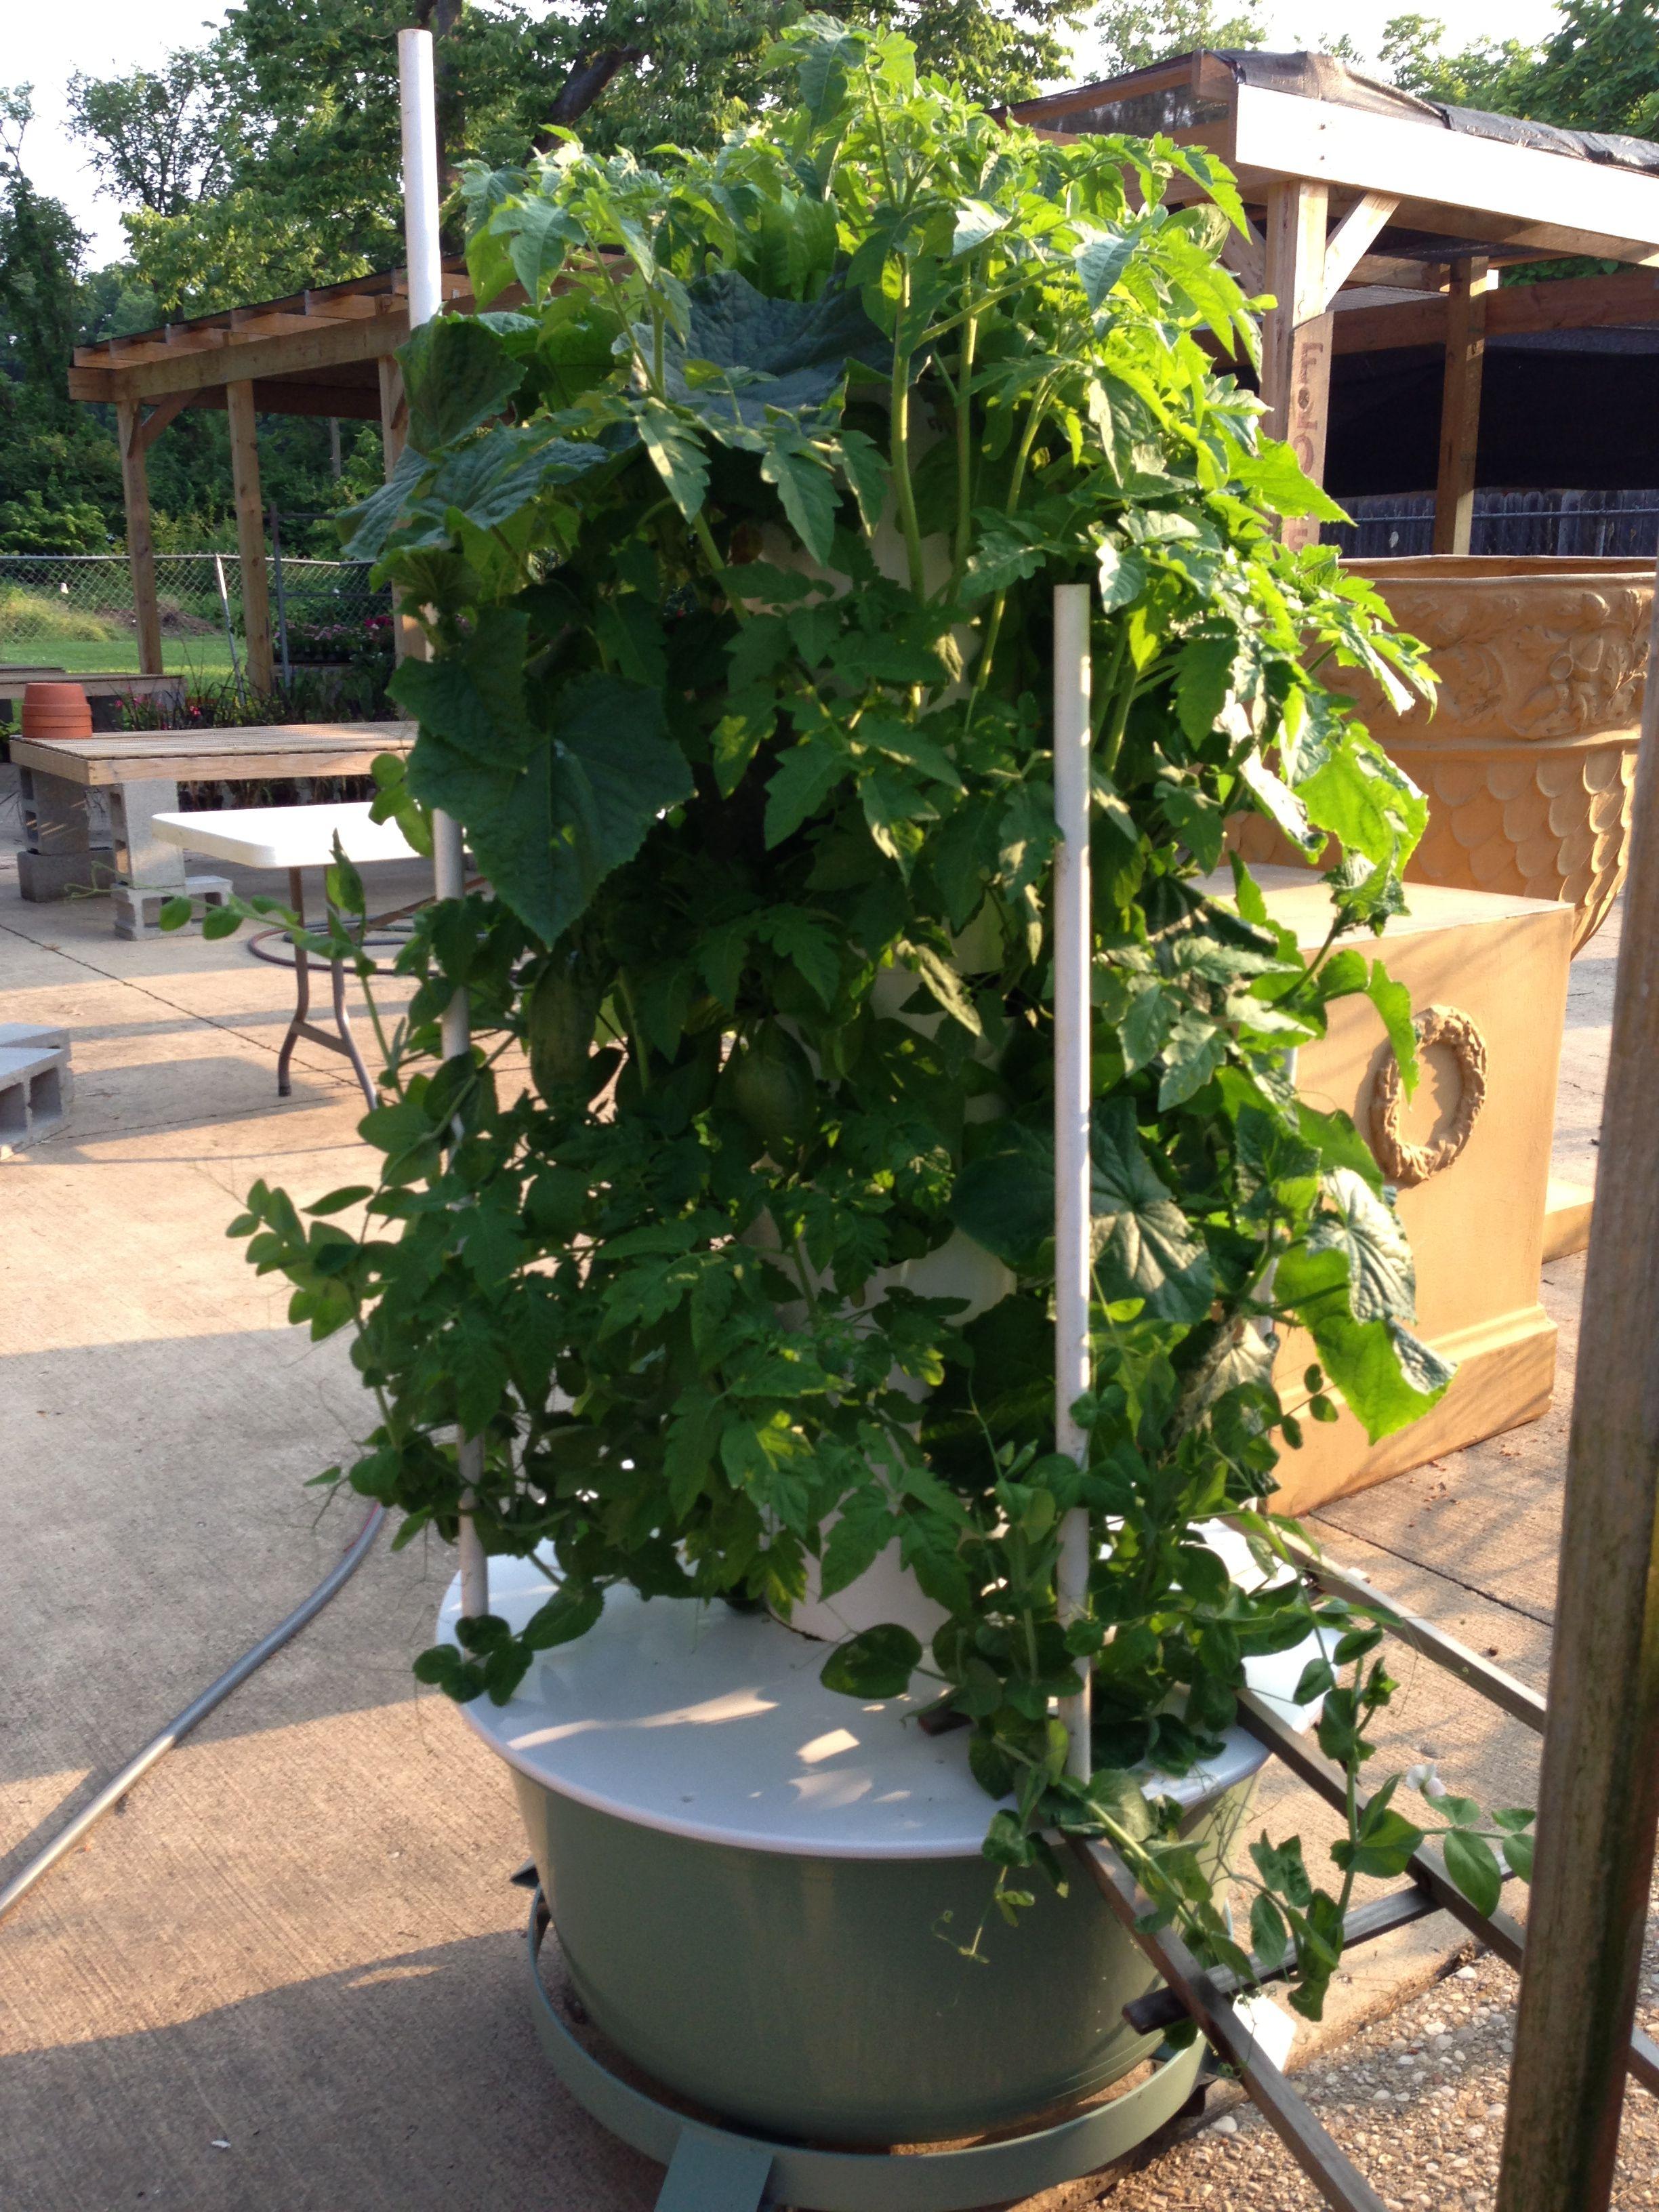 Hydroponic Tower Garden Vertical Garden Diy Hydroponic Gardening System Vertical Garden